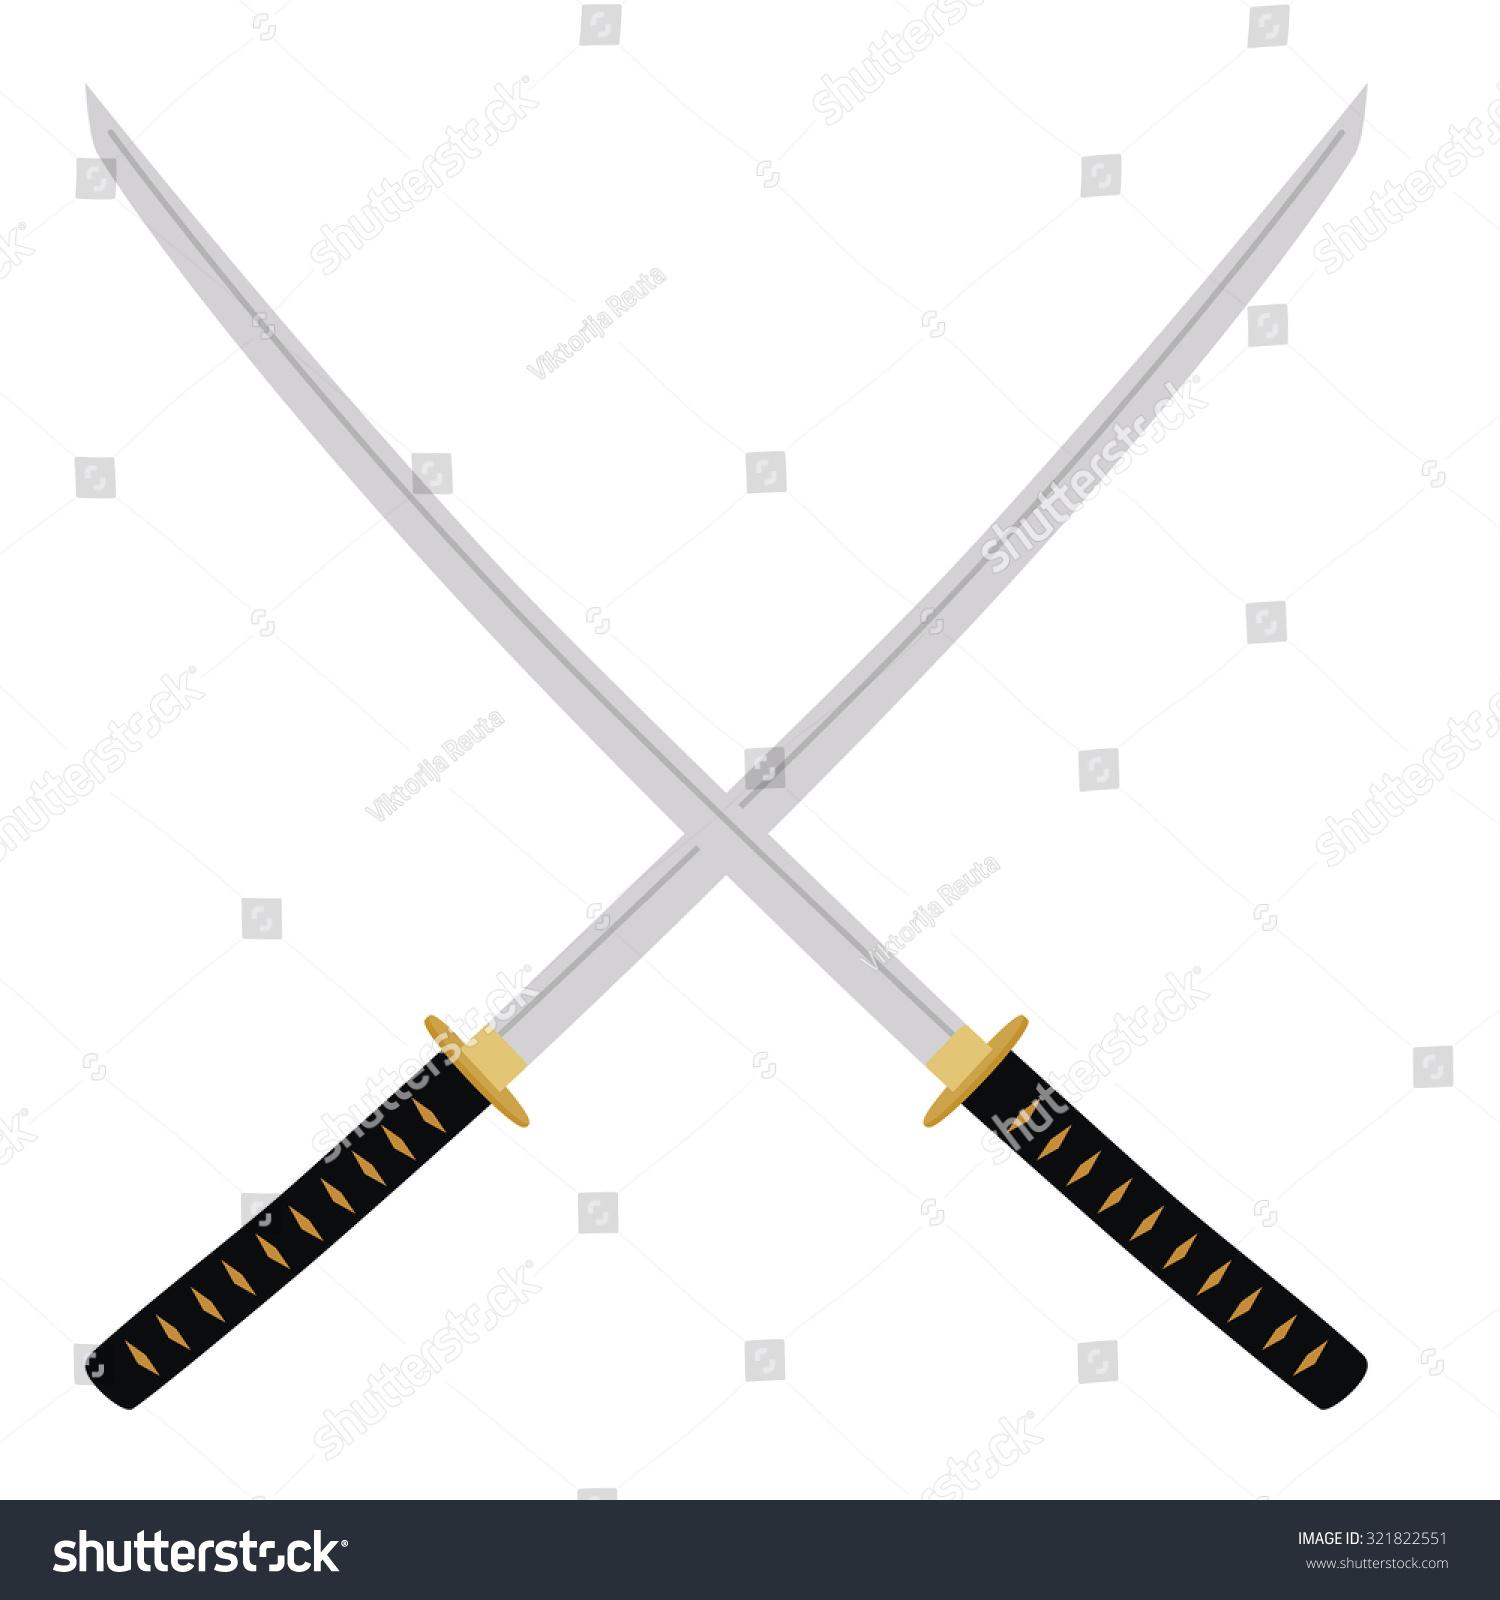 Two Crossed Katana Swords Raster Illustration Stock ...